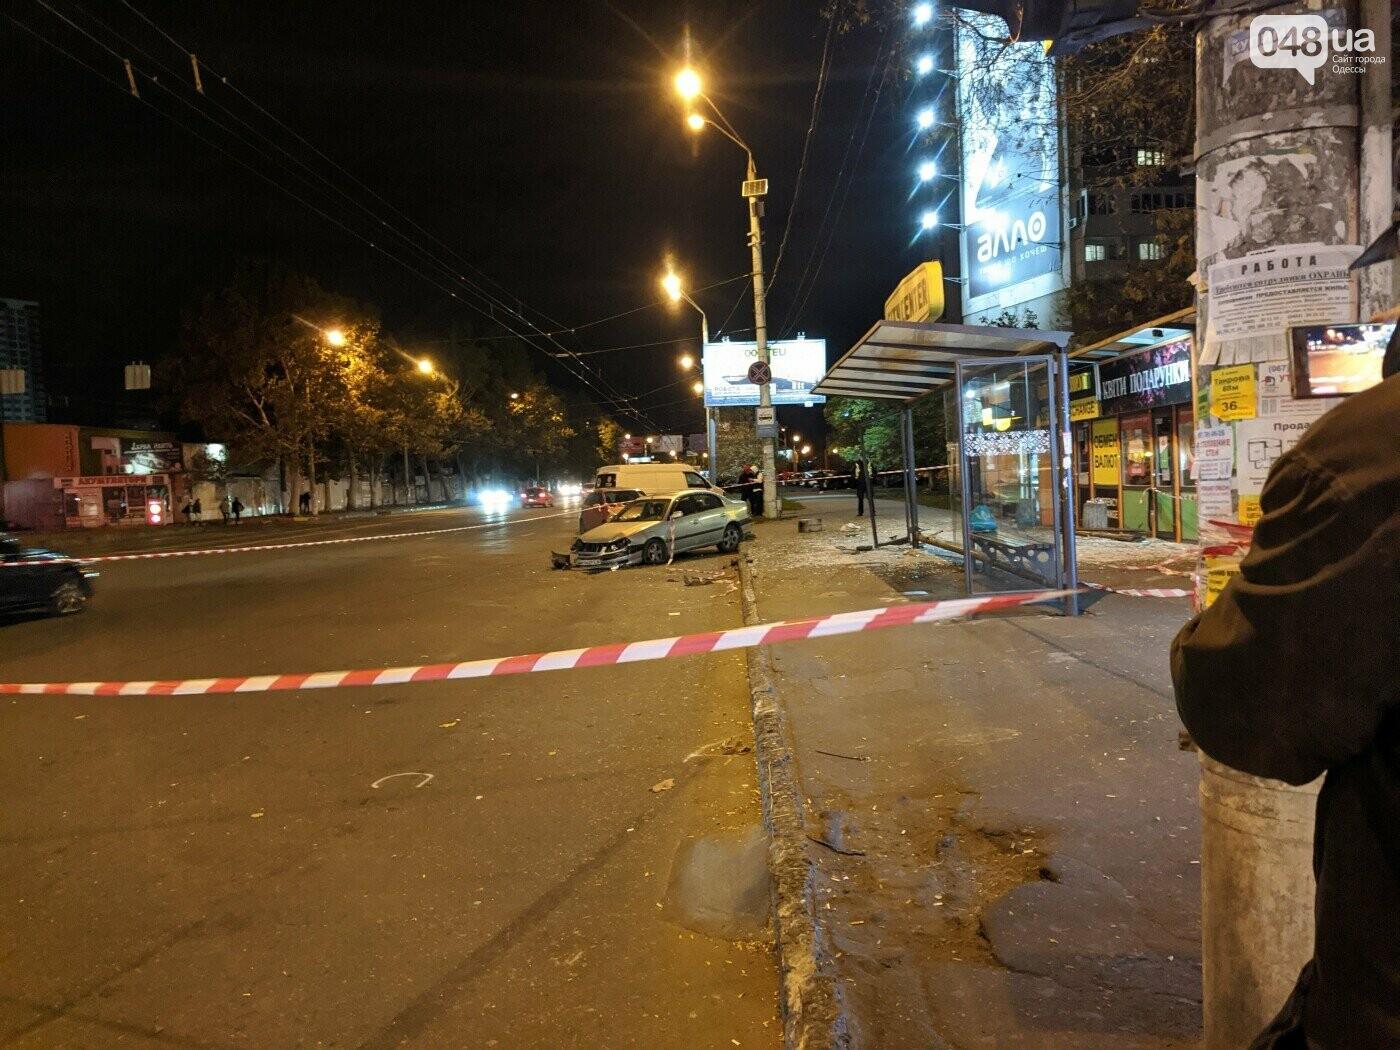 В Одессе передали в суд обвинение водителя, который въехал в остановку и травмировал людей,- ФОТО, фото-2